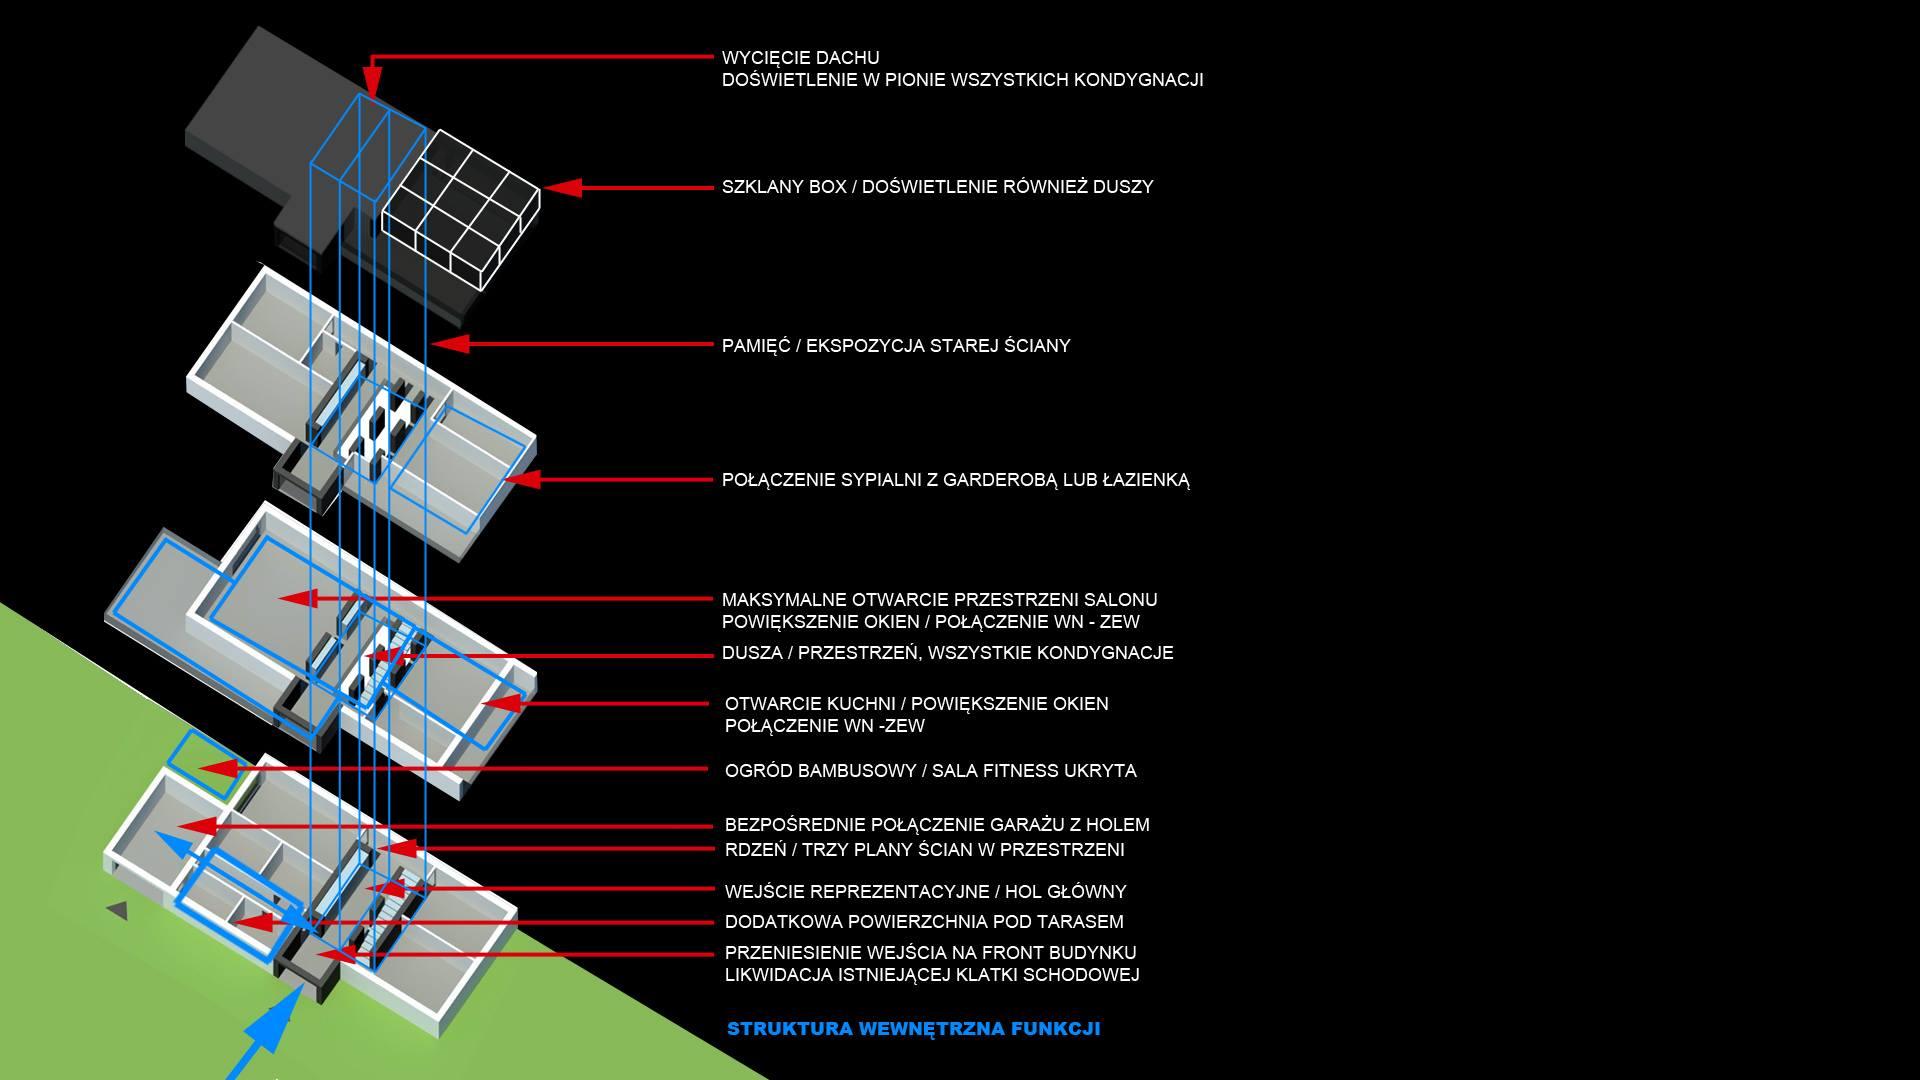 Magnolia House - struktura wewnętrzna funkcji